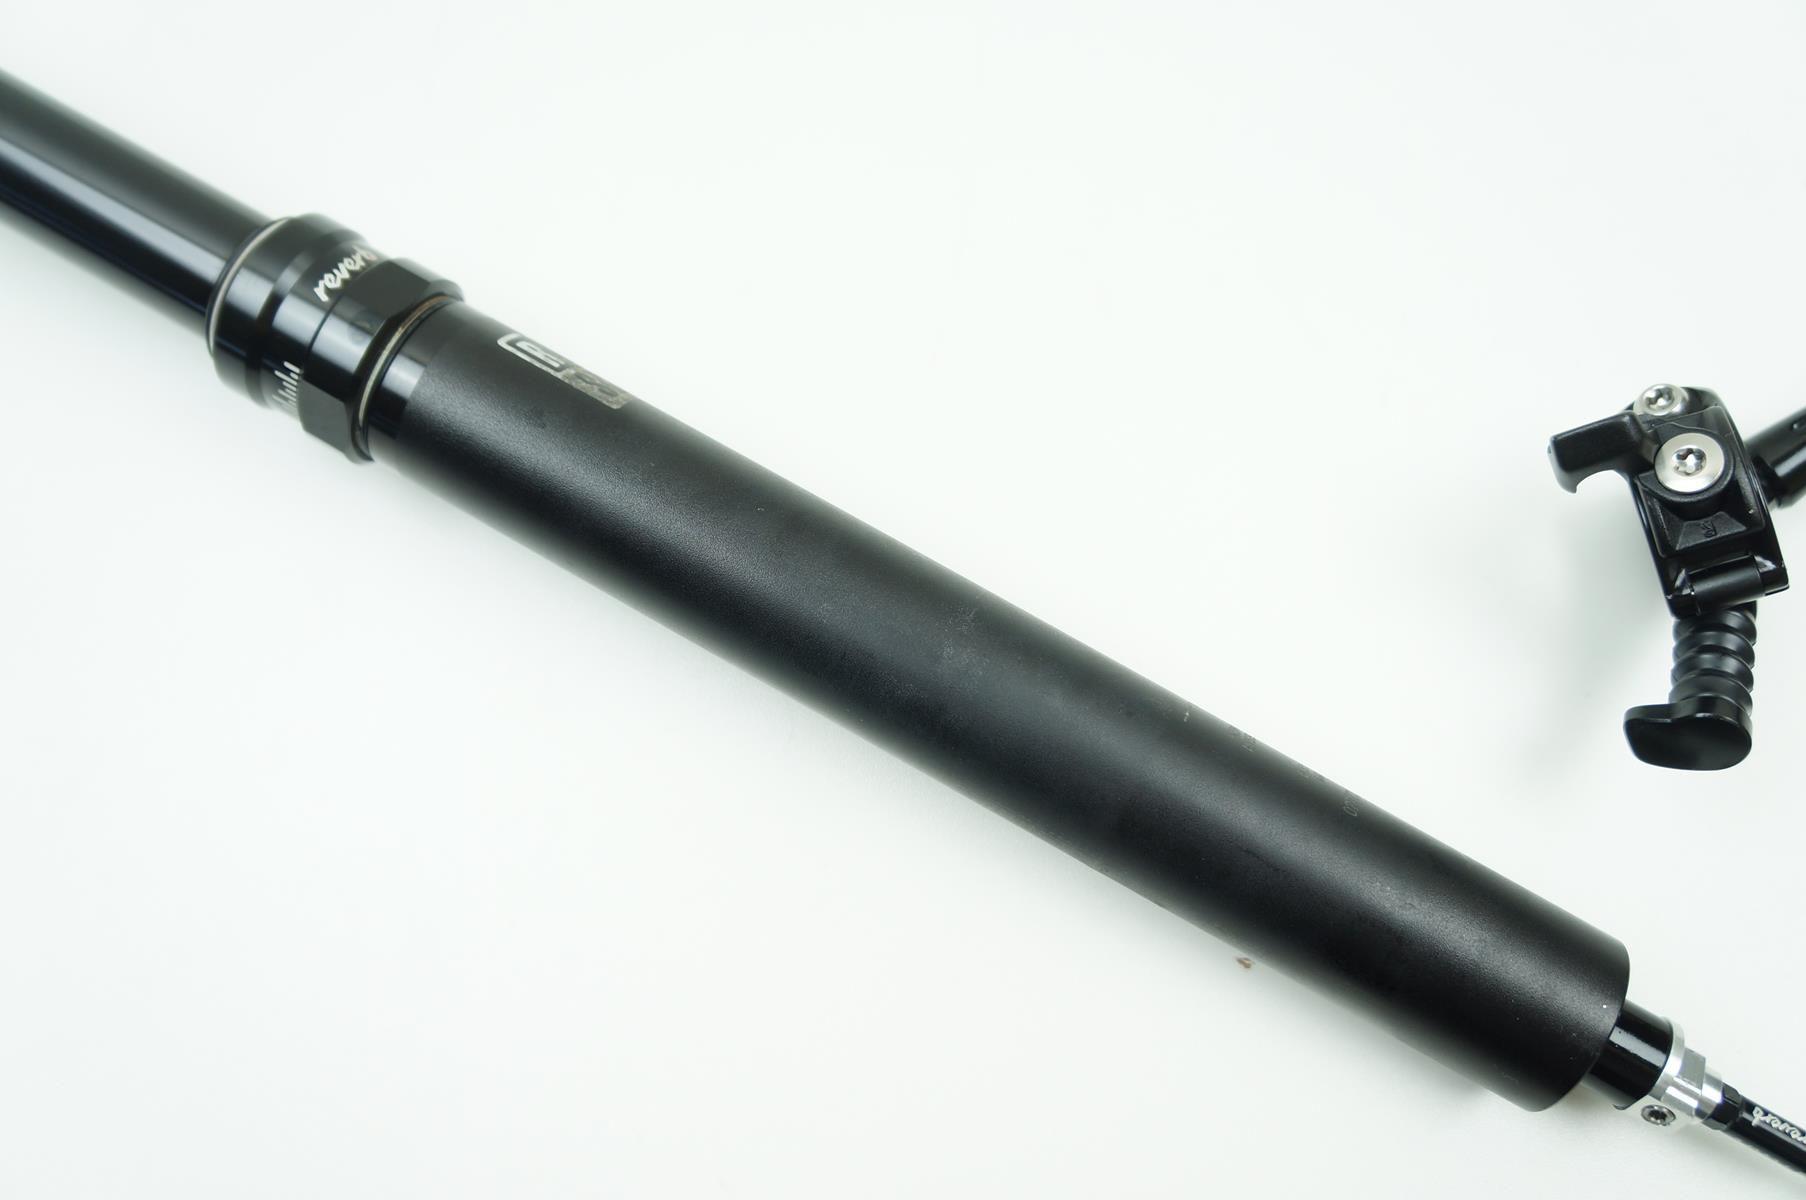 Canote MTB Rock Shox Reverb 31.6 x 440mm Telescópico Retrátil Preto - USADO